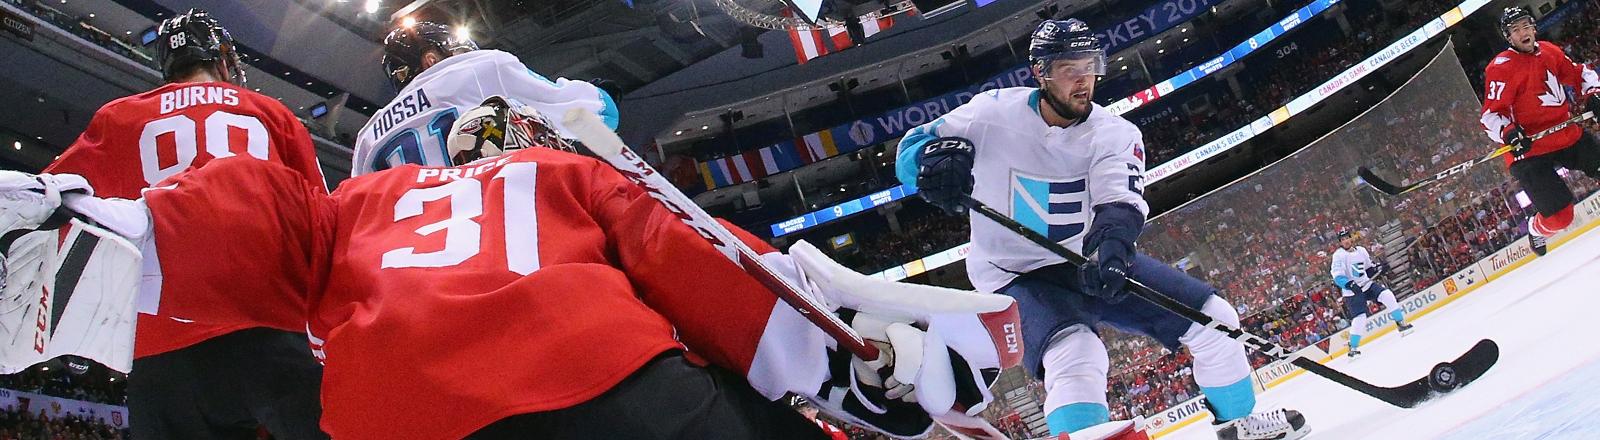 Das einmalige Eishockeyfinale vom World Cup 2016 Kanada gegen Europa.